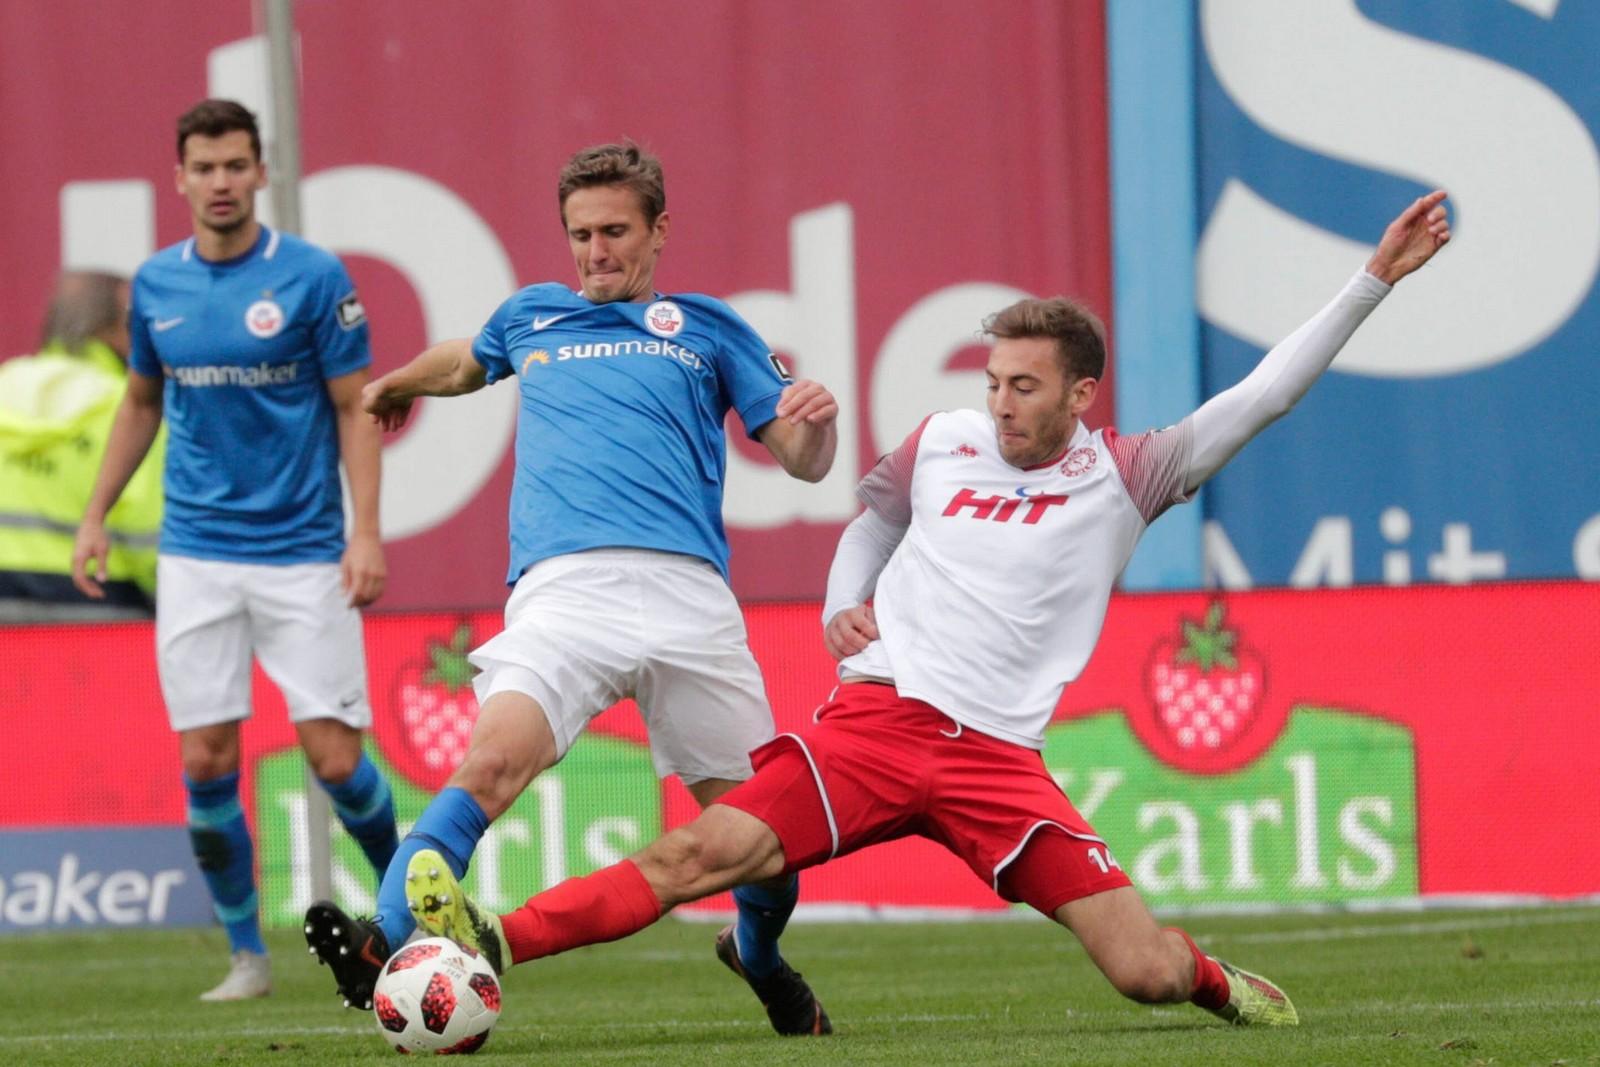 Kai Bülow von Hansa Rostock gegen Michael Eberwein von Fortuna Köln